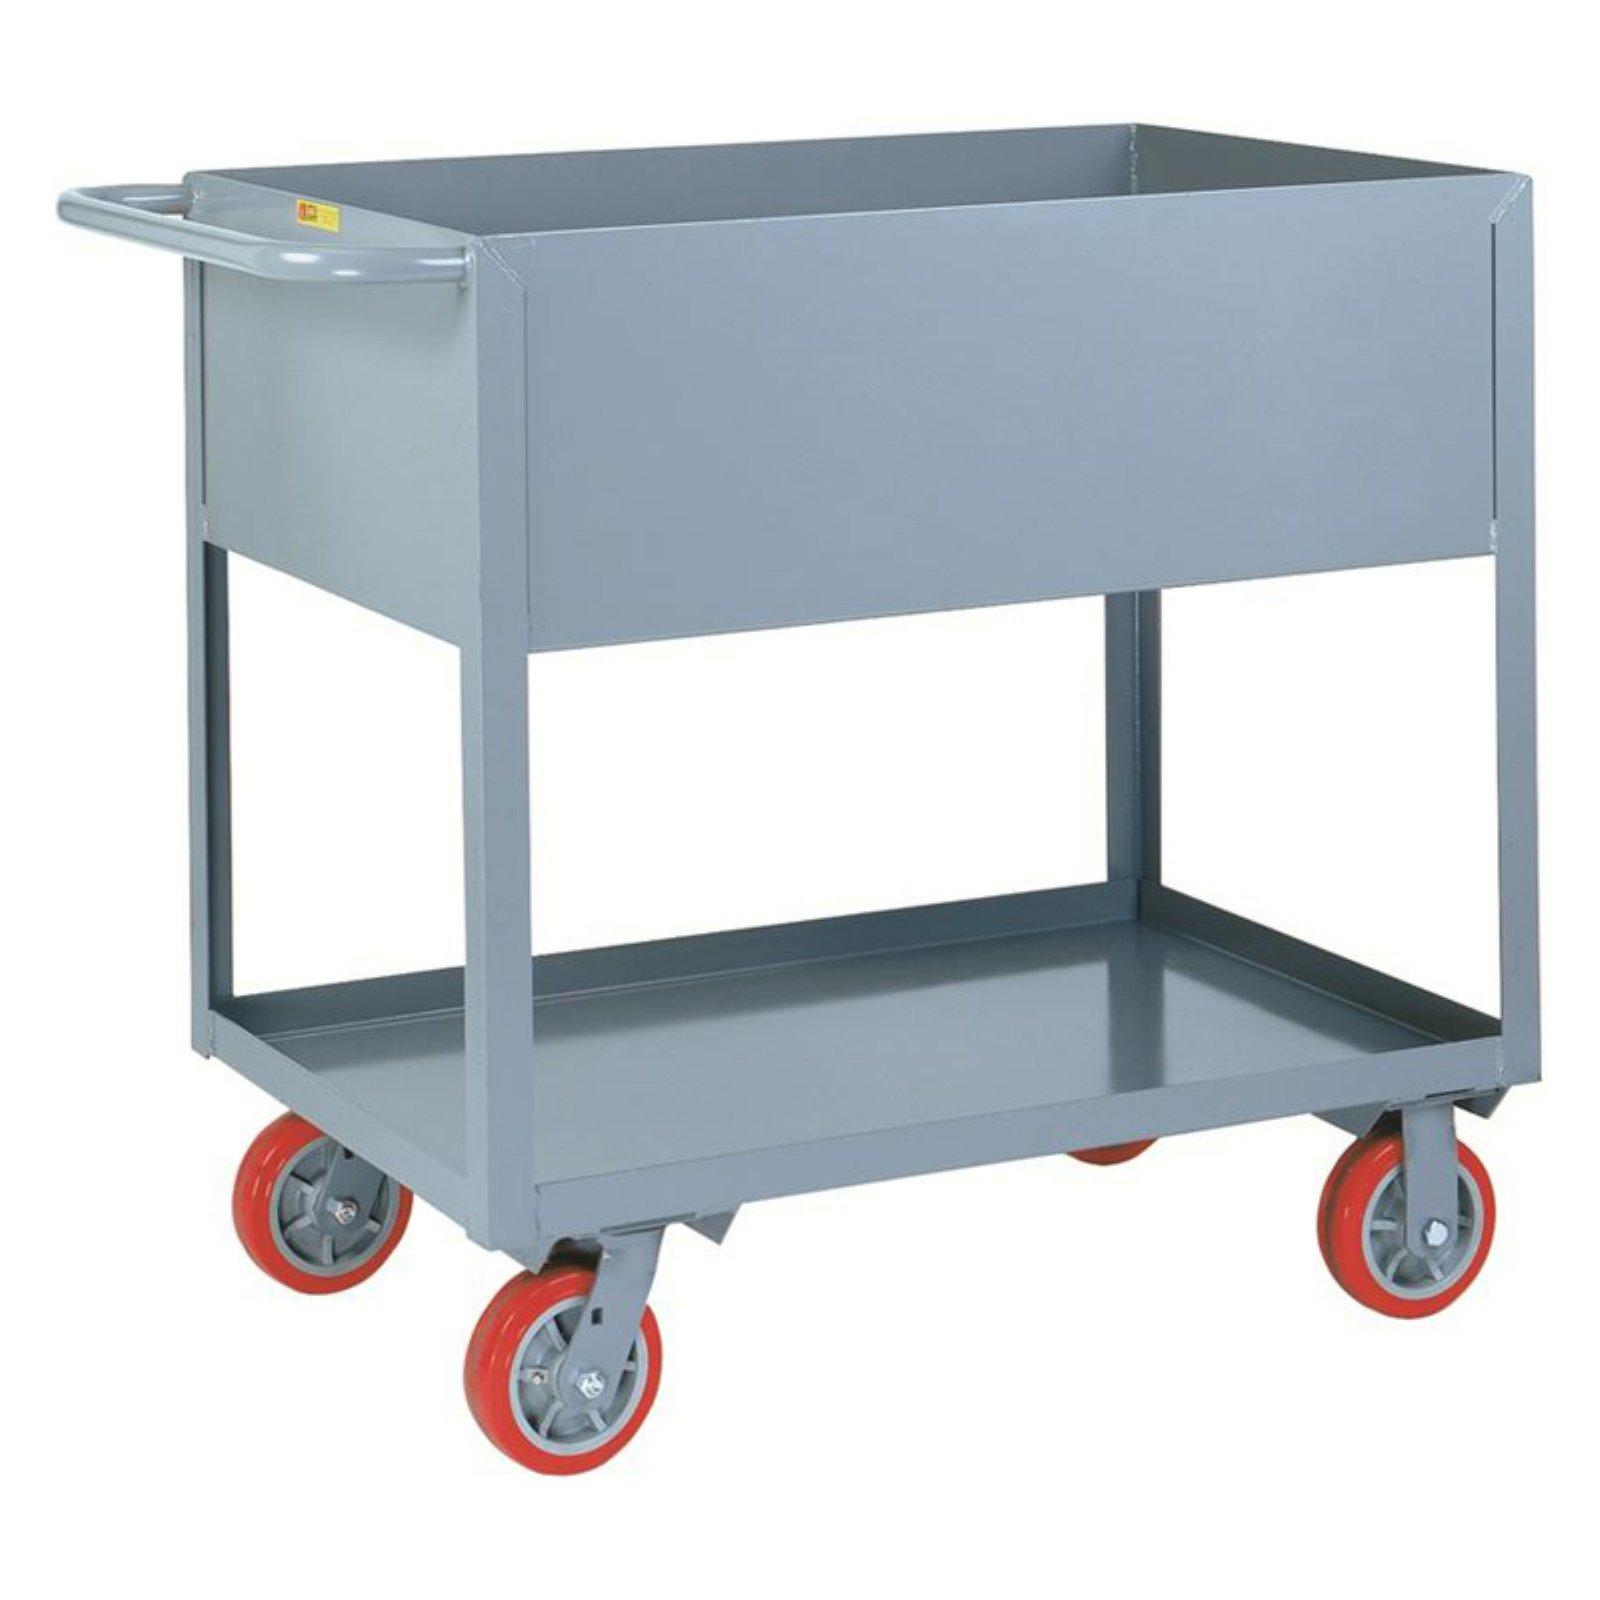 Little Giant 4 Sided Raised Platform Cart